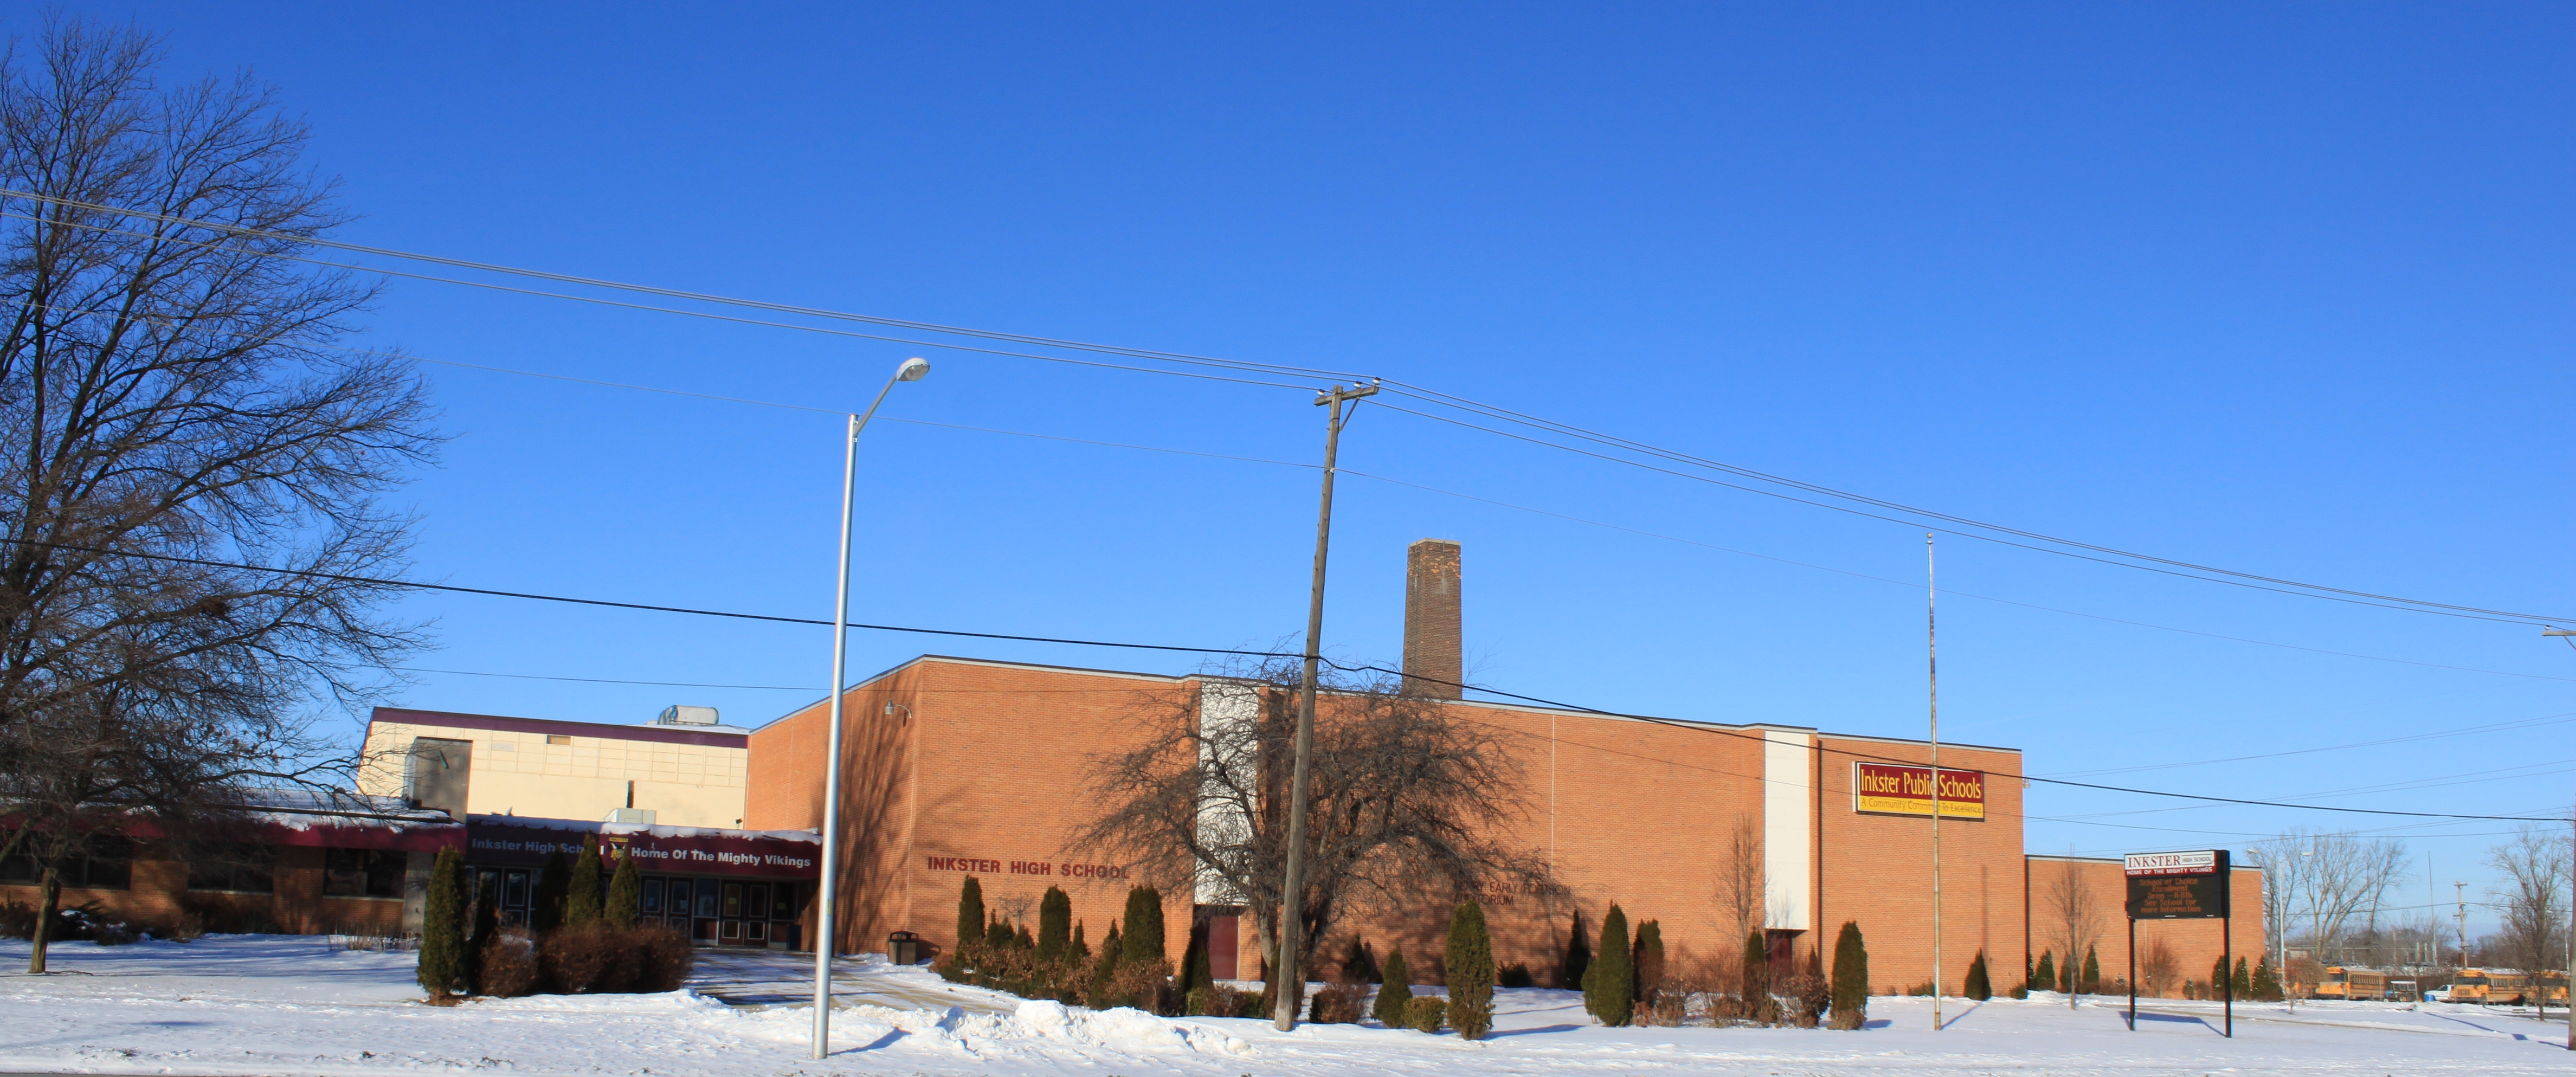 Inkster Public Schools - Wikipedia